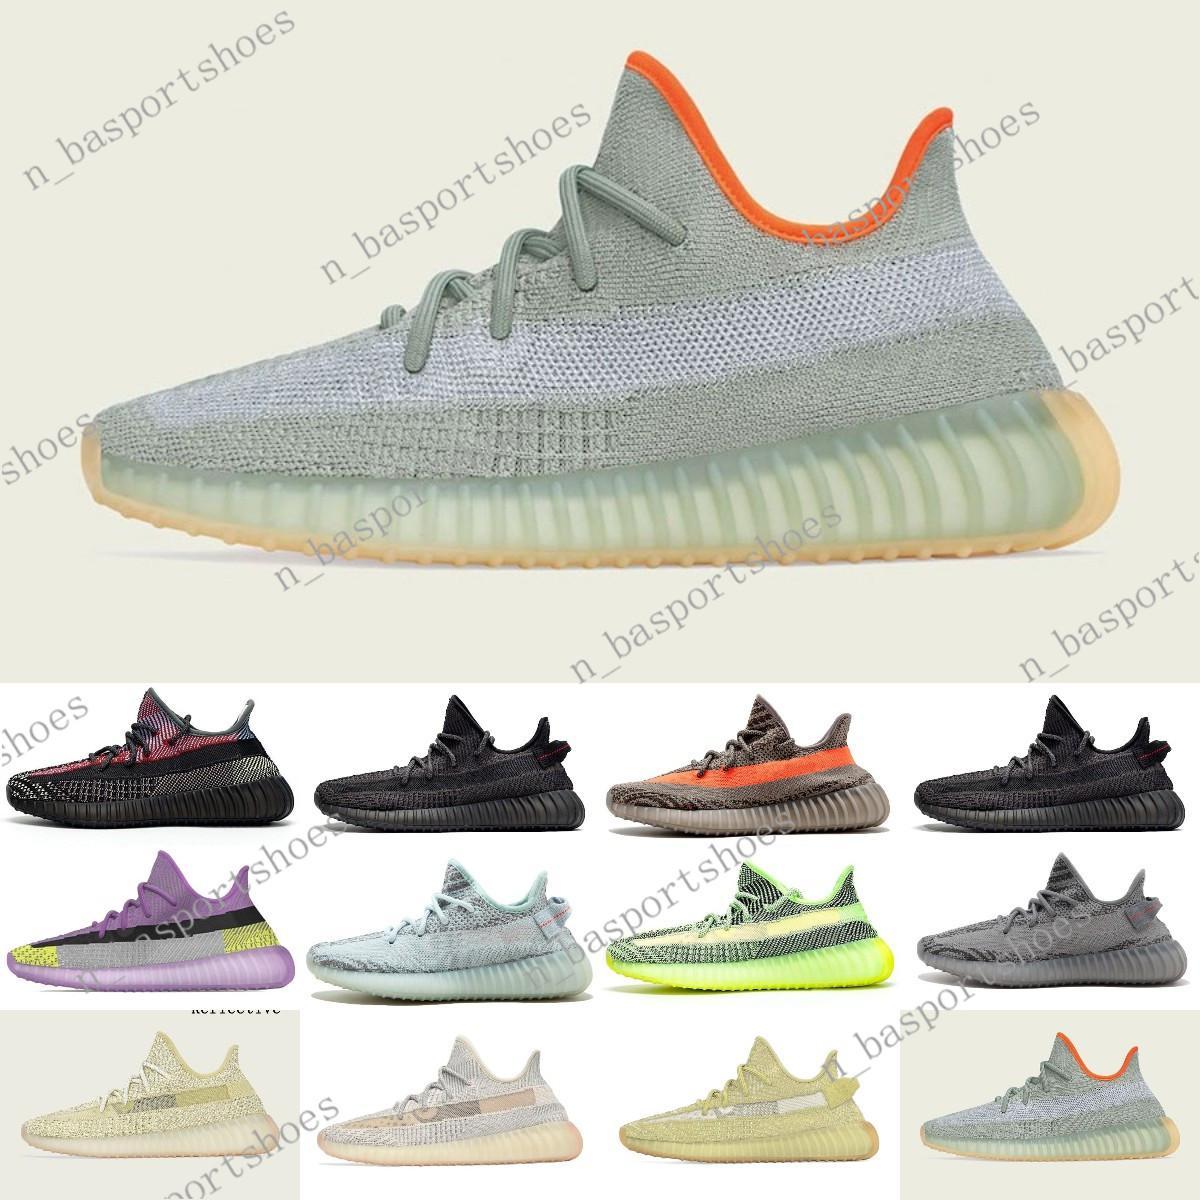 2020 nuevos Yeehu yecheil estática negro reflectante 3M Kanye West zapatillas GID brillan verdadera forma de arcilla de mantequilla de los hombres zapatillas de deporte de veinte # 0015